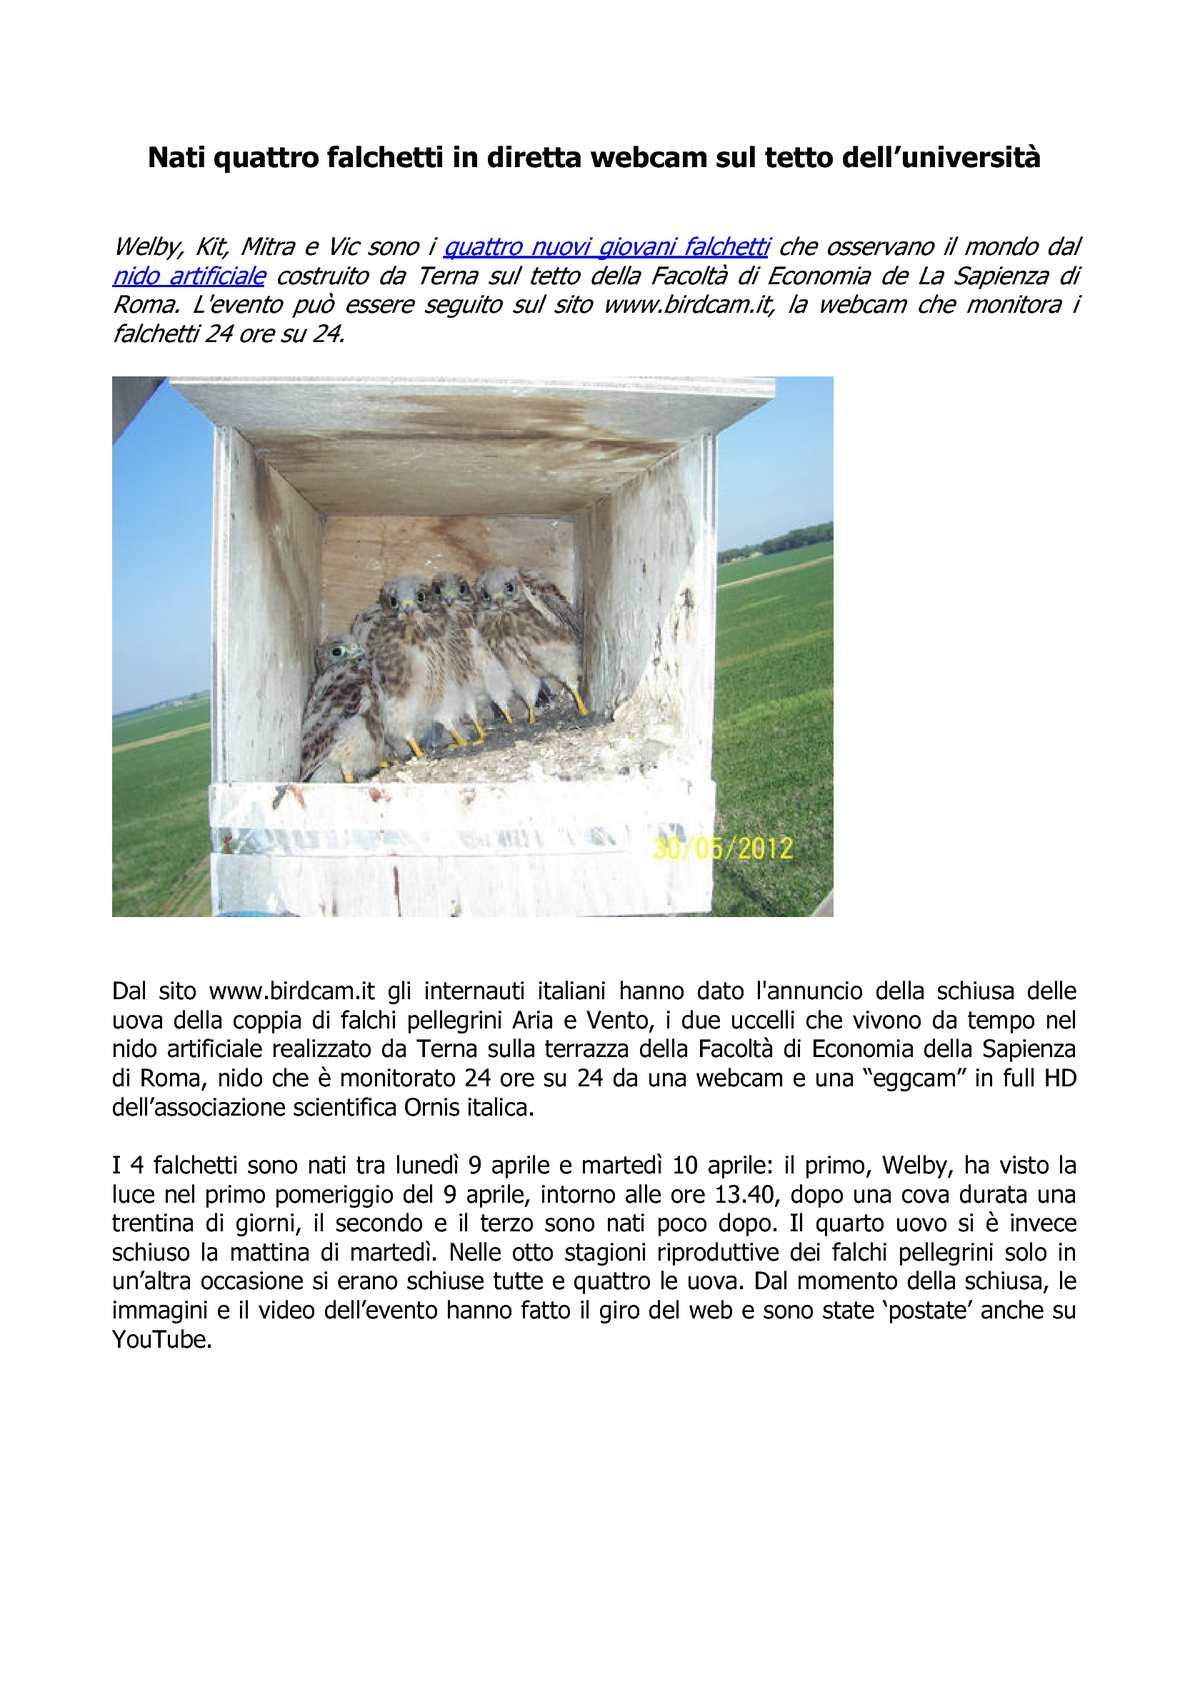 Calaméo Falchetti Webcam Terna Monitorati I Falchetti